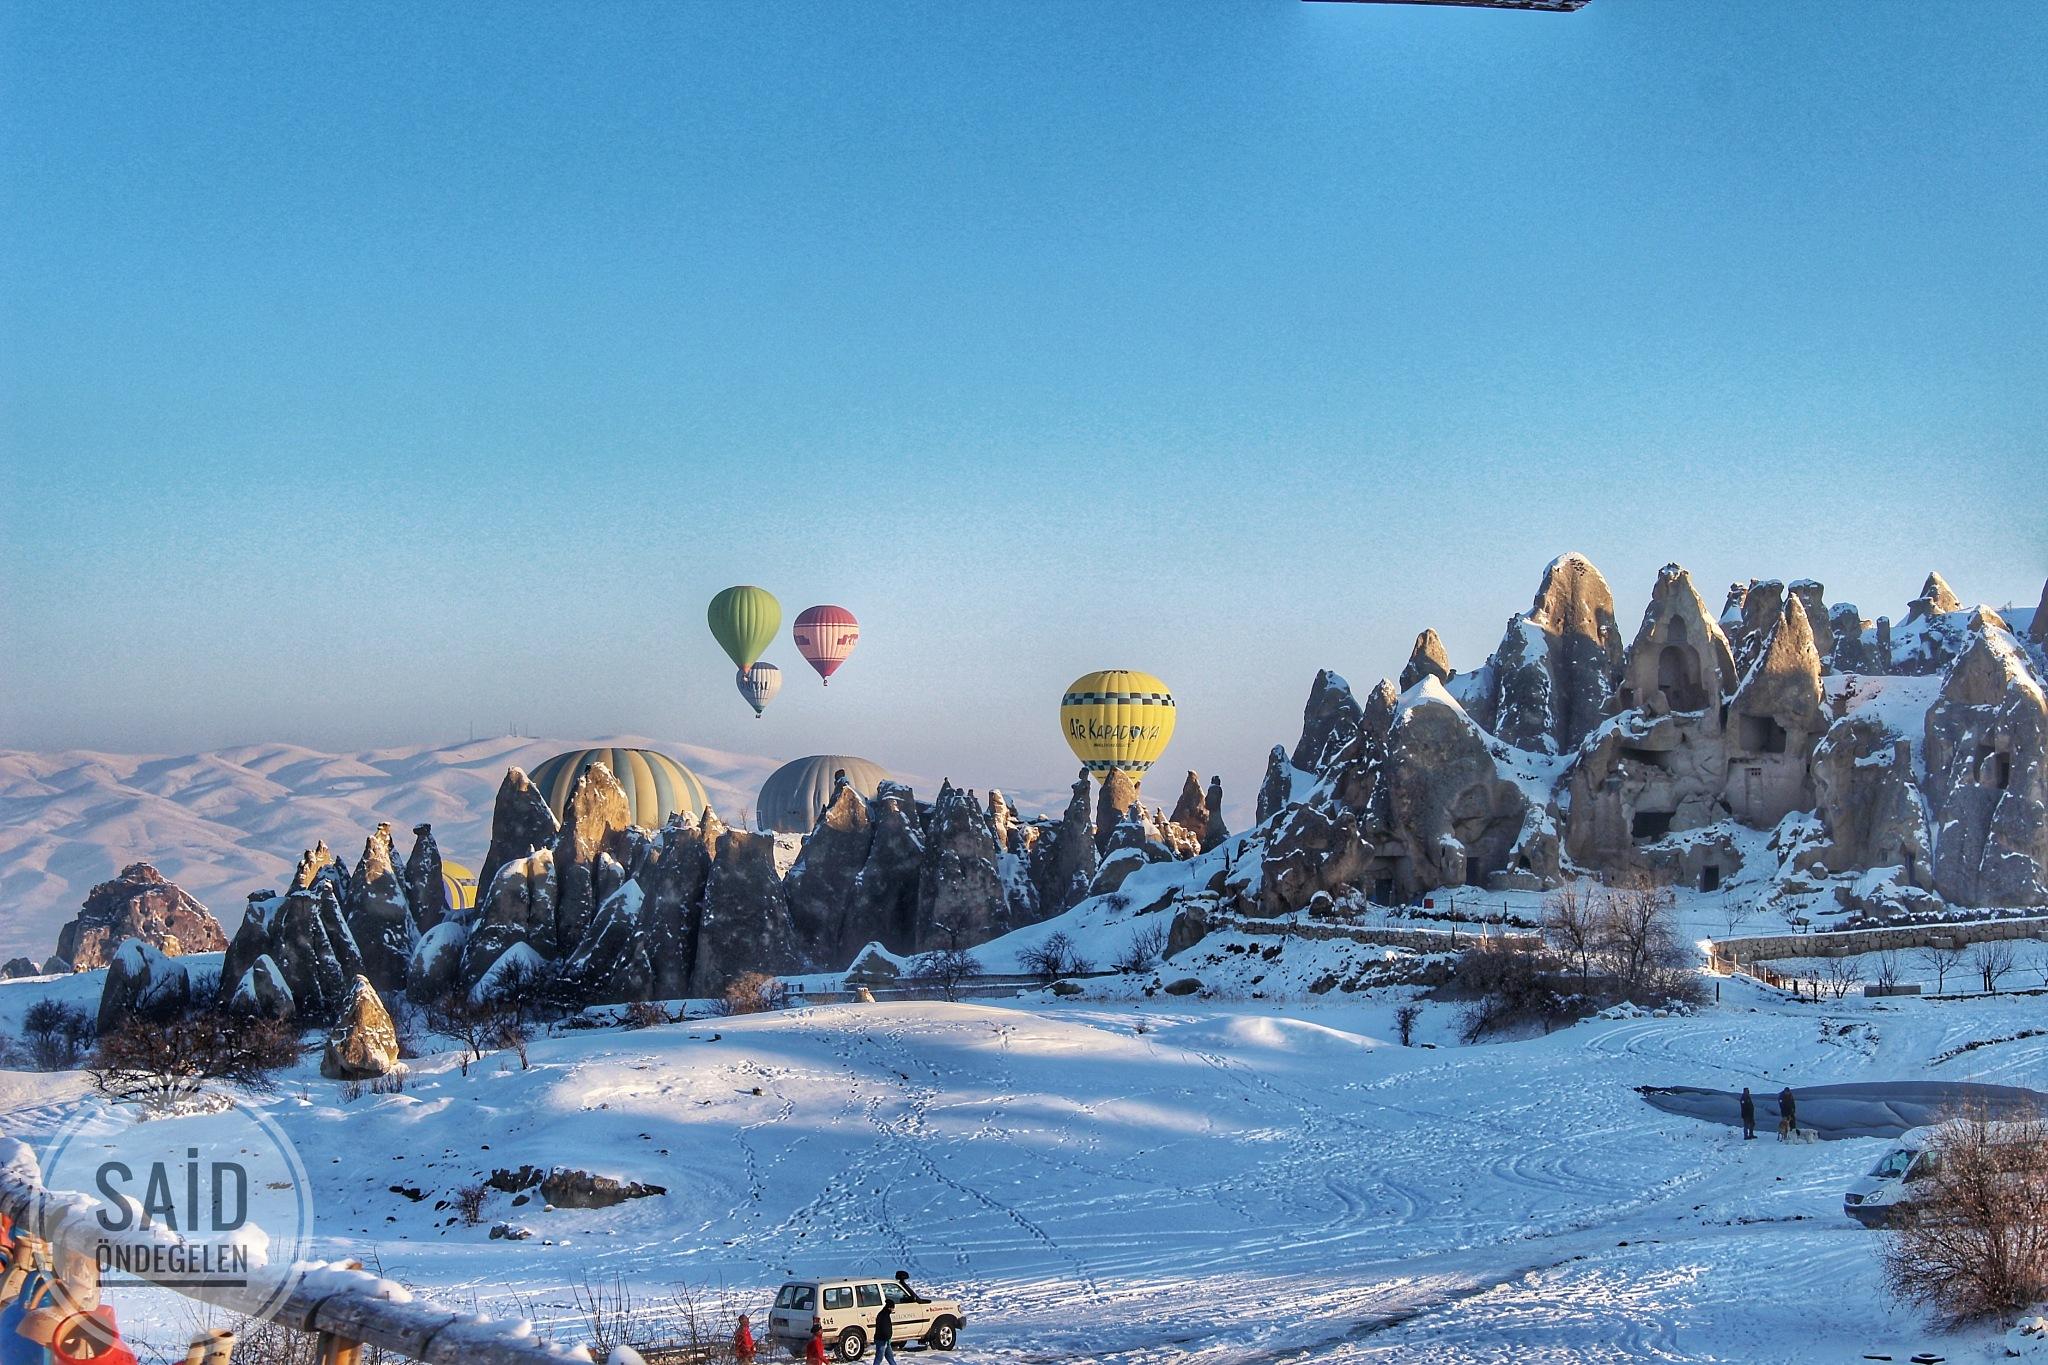 Cappadocia Ballons by saidondegelen